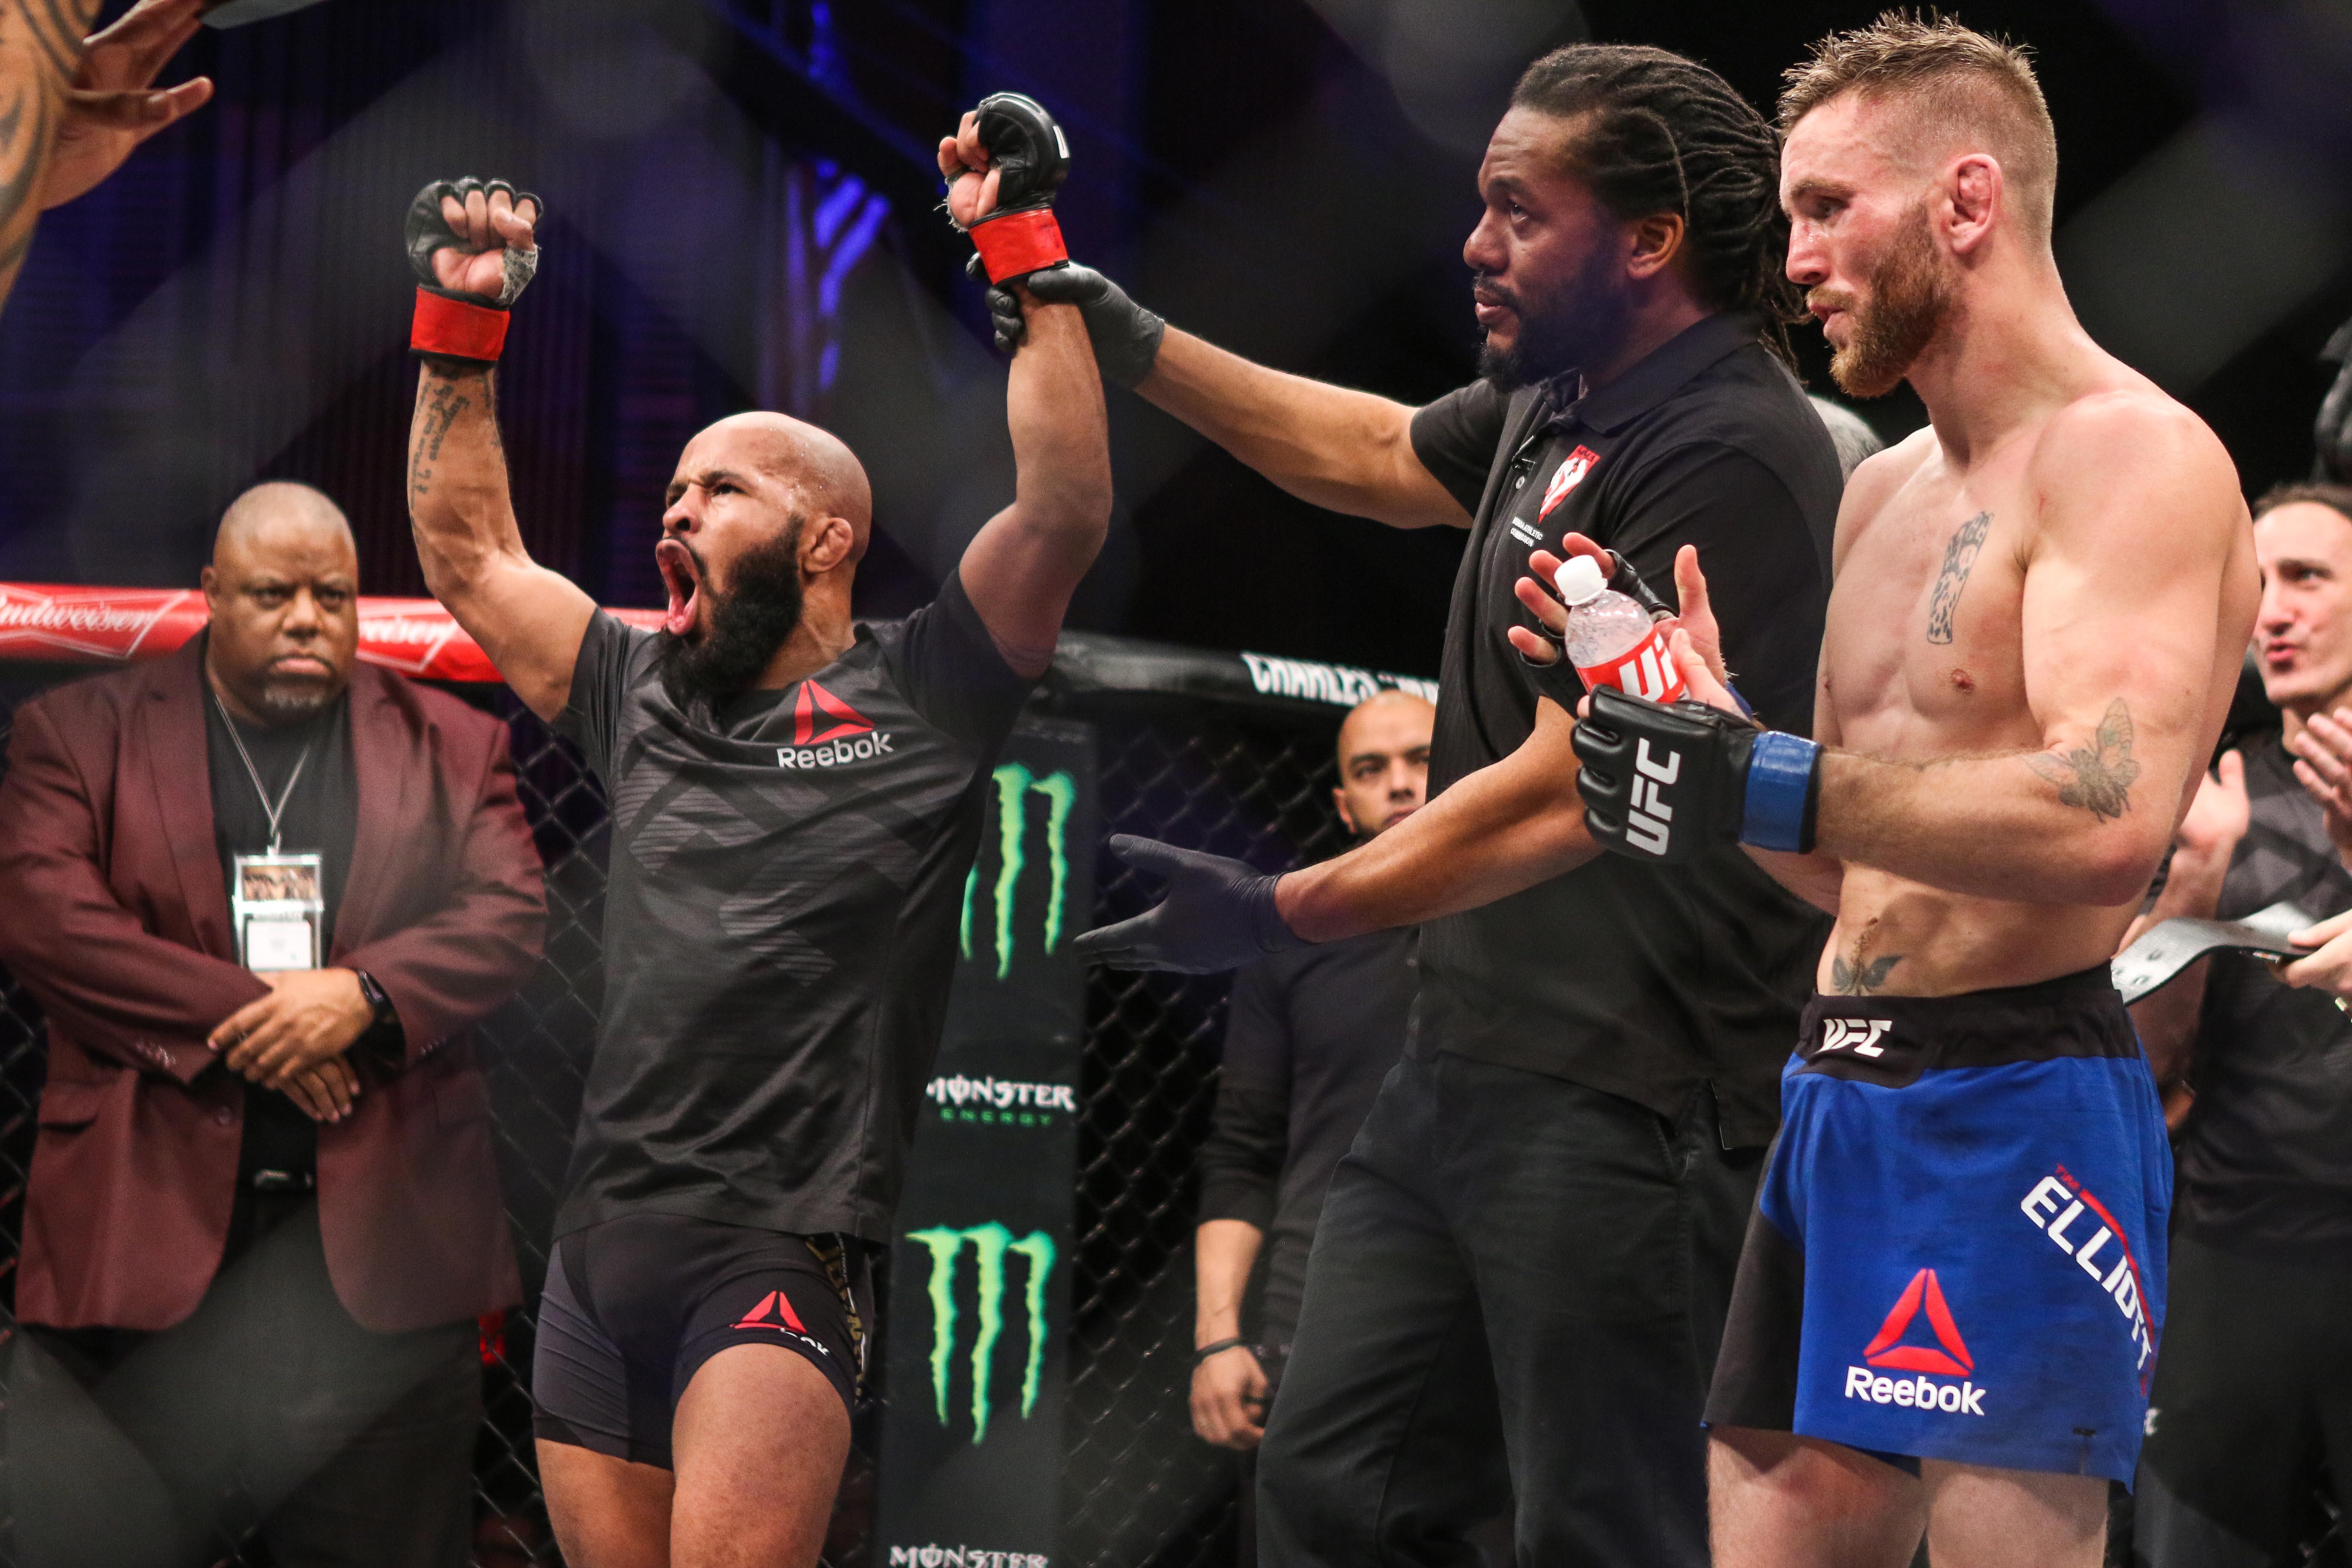 MMA: TUF Tournament of Champions-Johnson vs Elliott